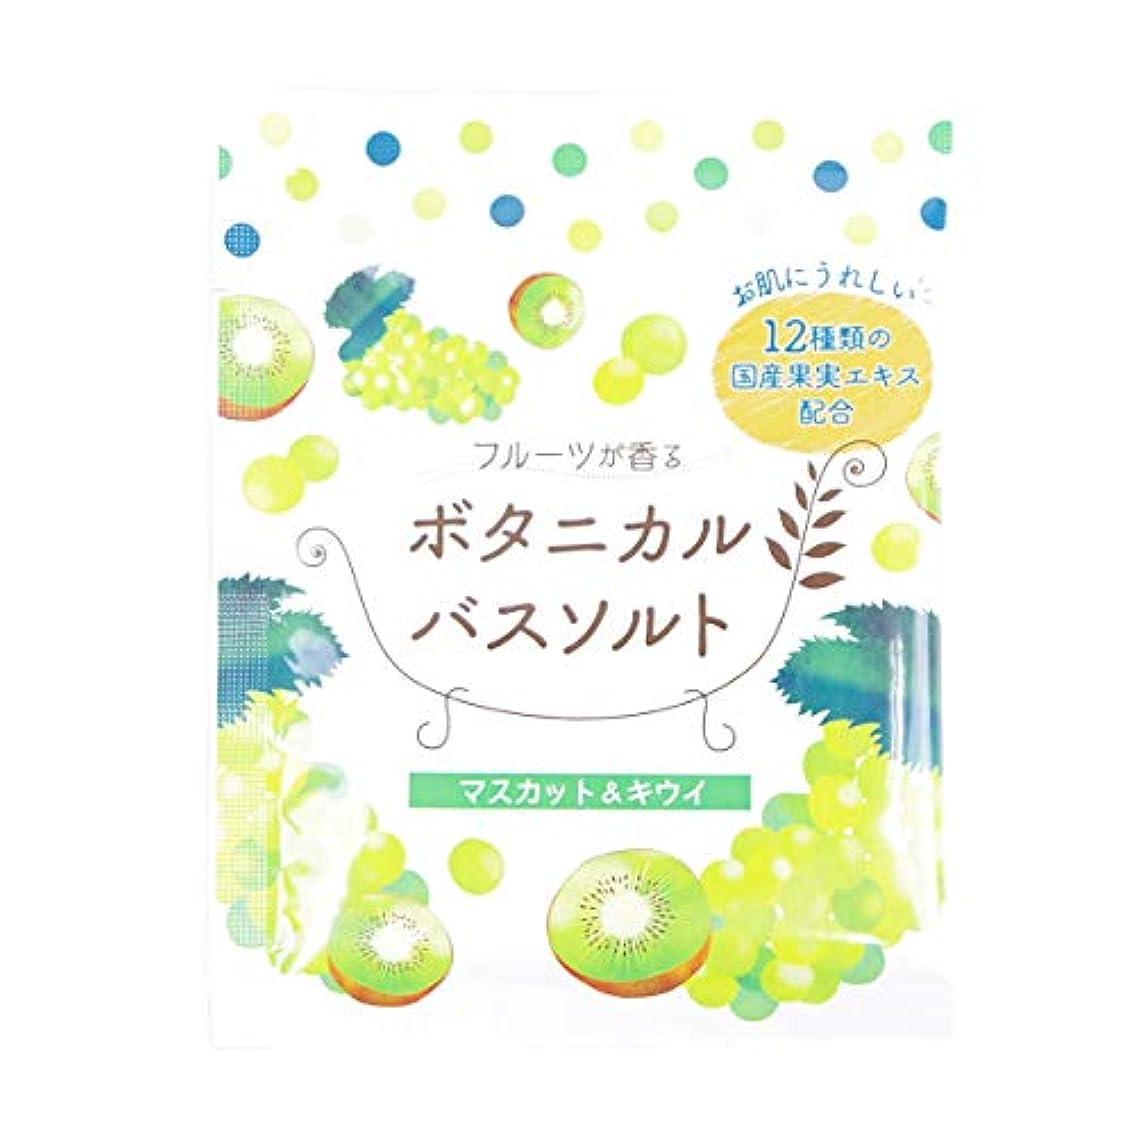 松田医薬品 フルーツが香るボタニカルバスソルト マスカット&キウイ 30g